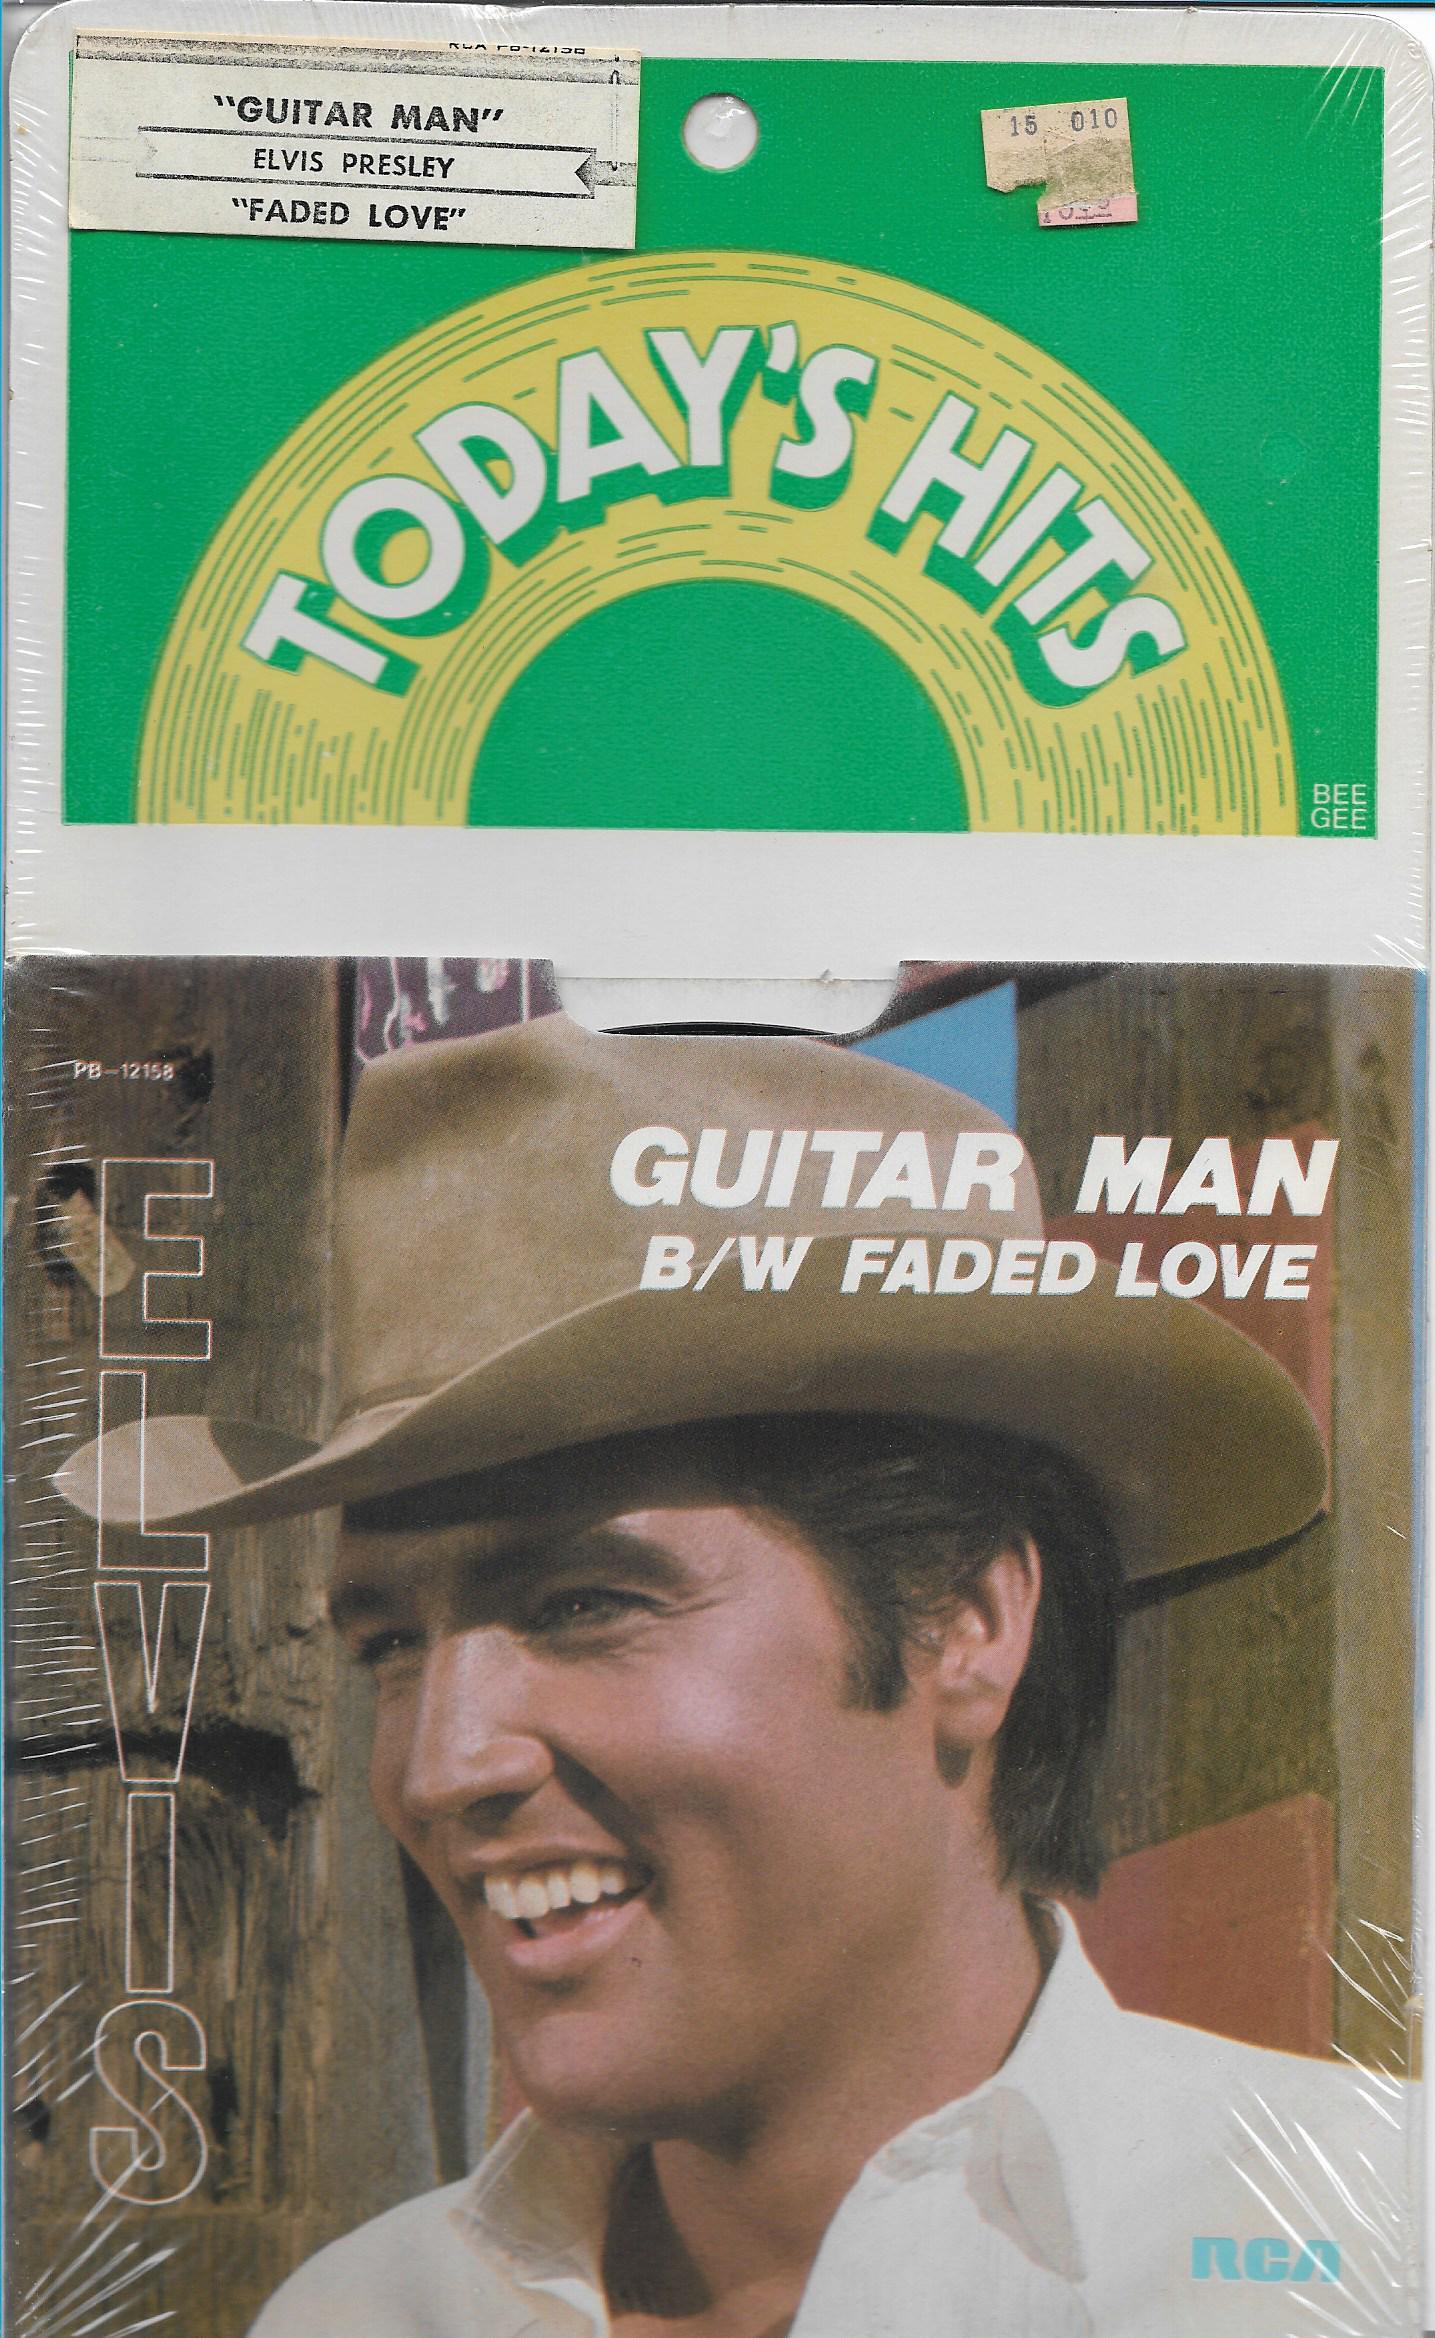 Guitar Man / Faded Love 1z1jq0